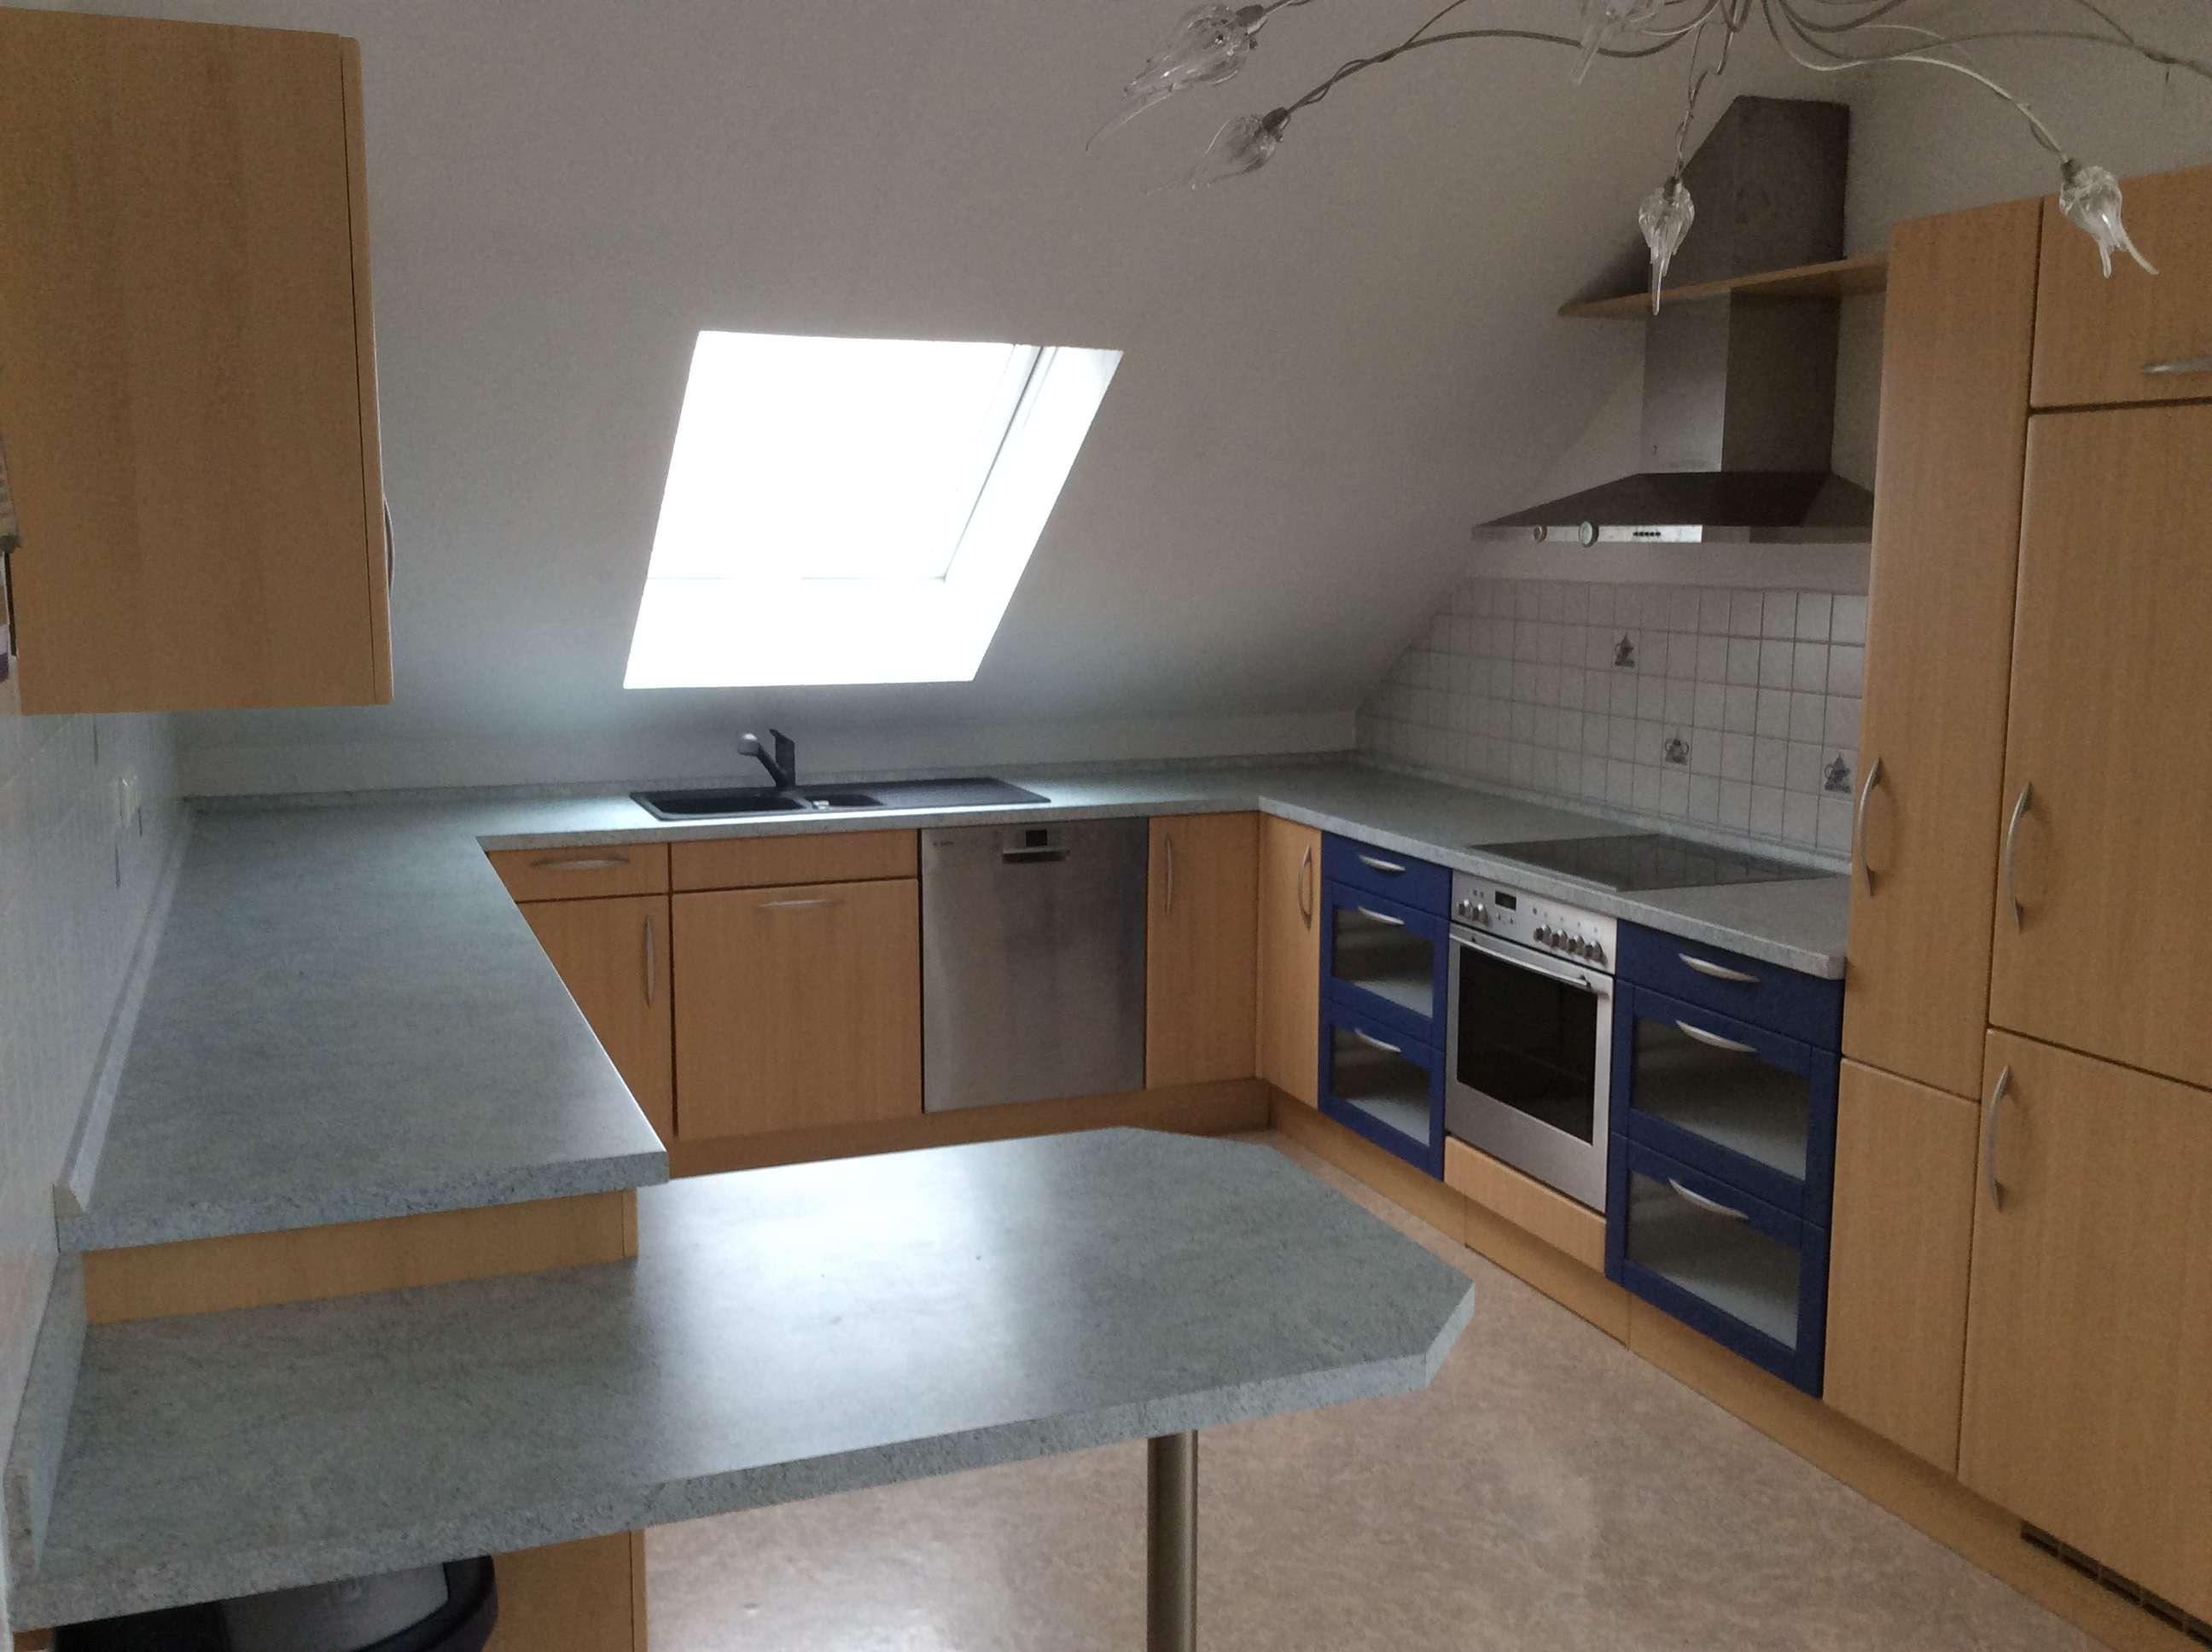 Neuwertige 4-Zimmer-DG-Wohnung mit Balkon und EBK in Memmingen in Steinheim (Memmingen)